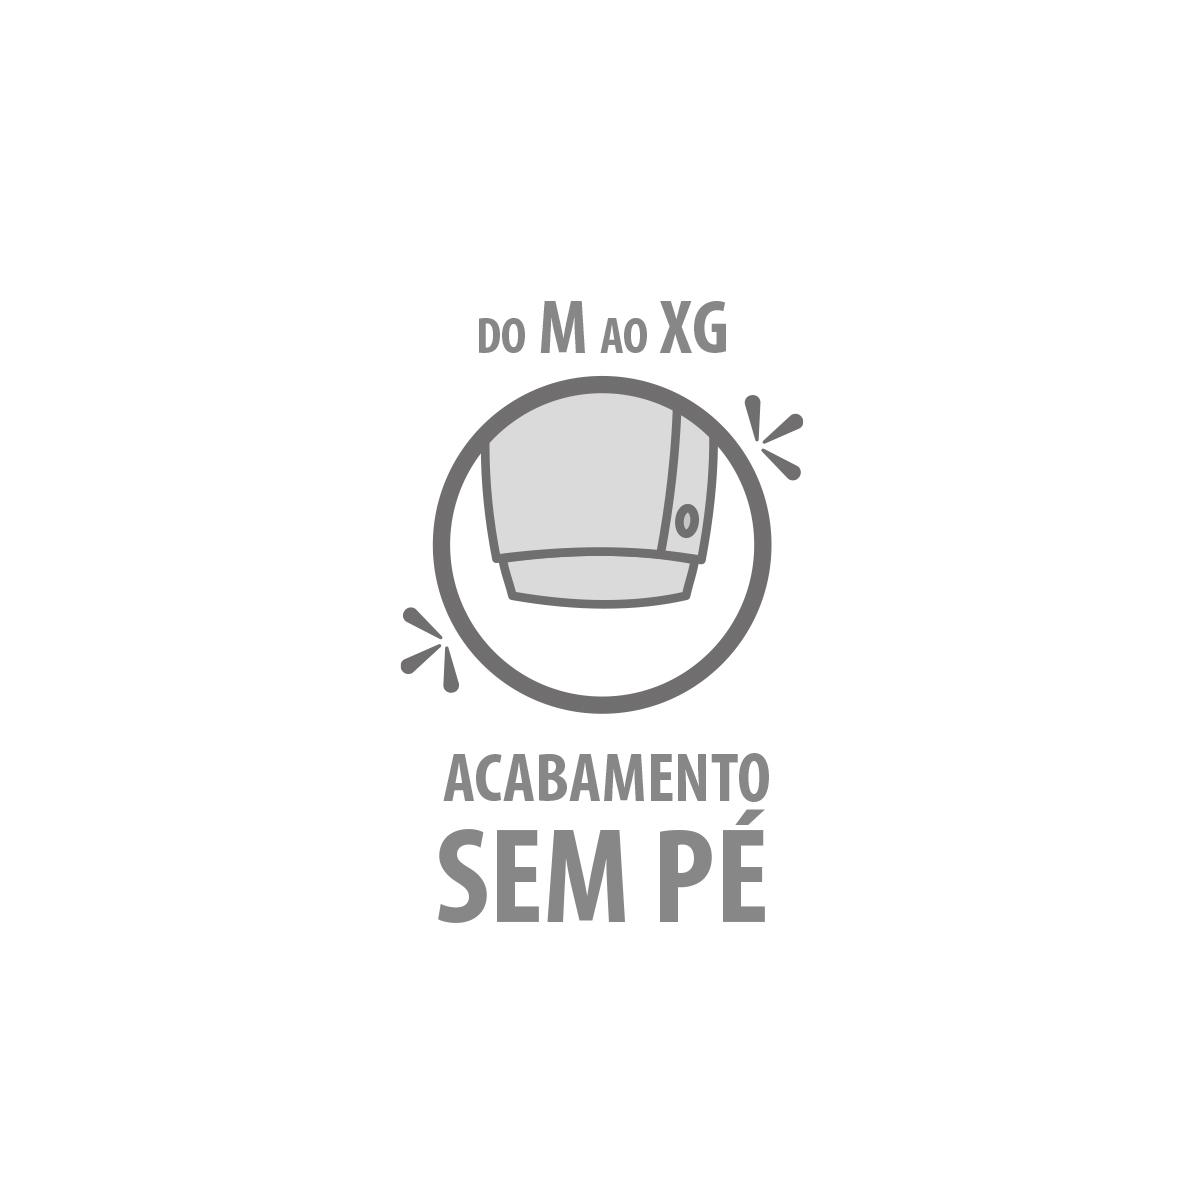 Macacão Bebê Plush Zíper Amarelo Estrelinha - Tamanhos RN e P com pezinho; M, G e XG sem pezinho  - Piu Blu